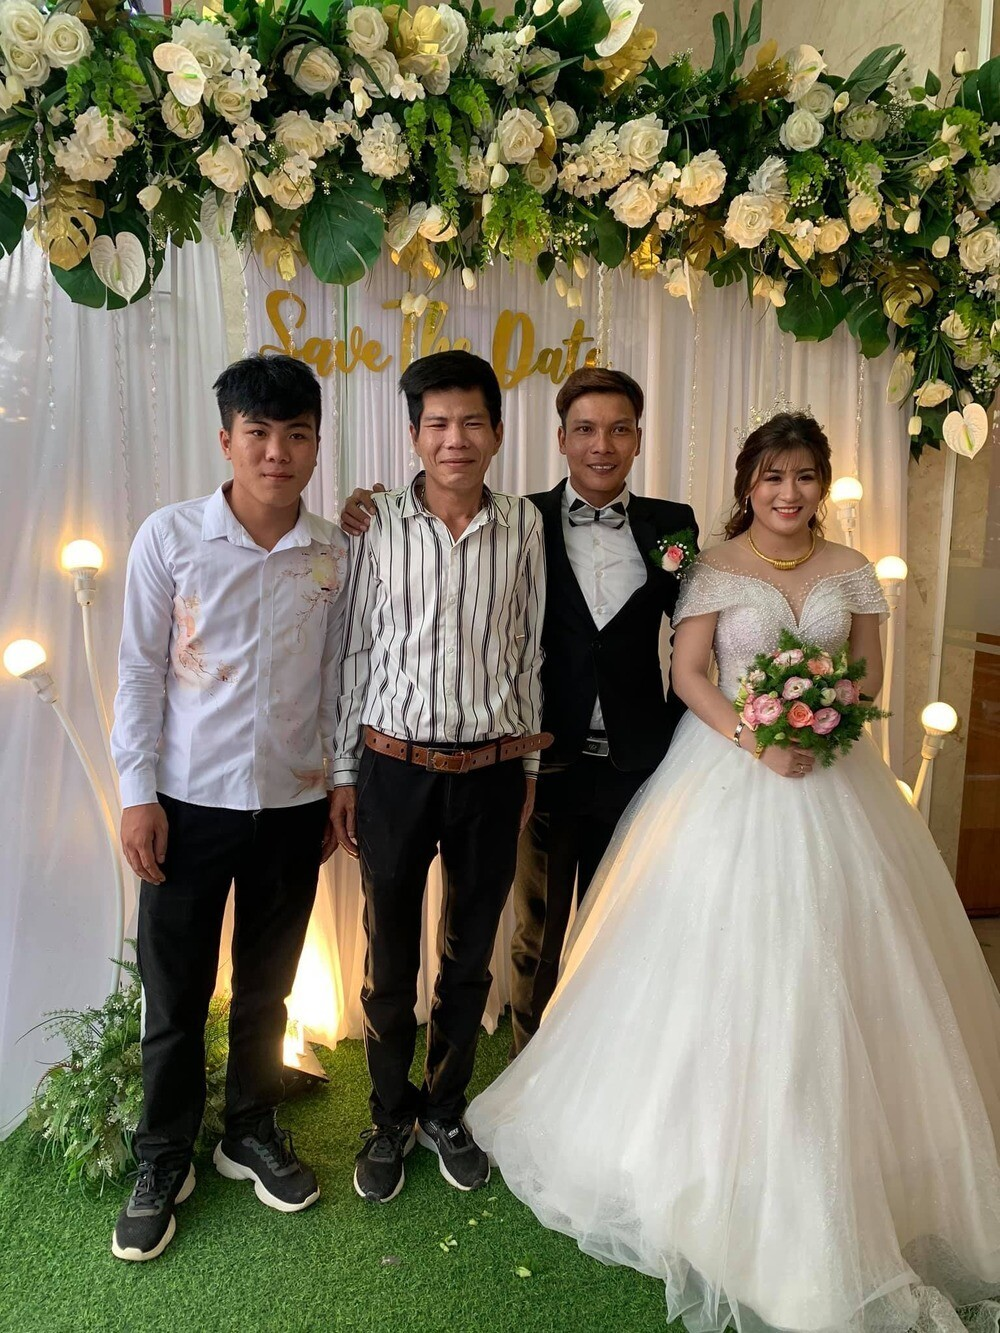 4-loc-fuho-dang-anh-giuong-chieu-vo-dep-dong-vien-1618473216.jpg